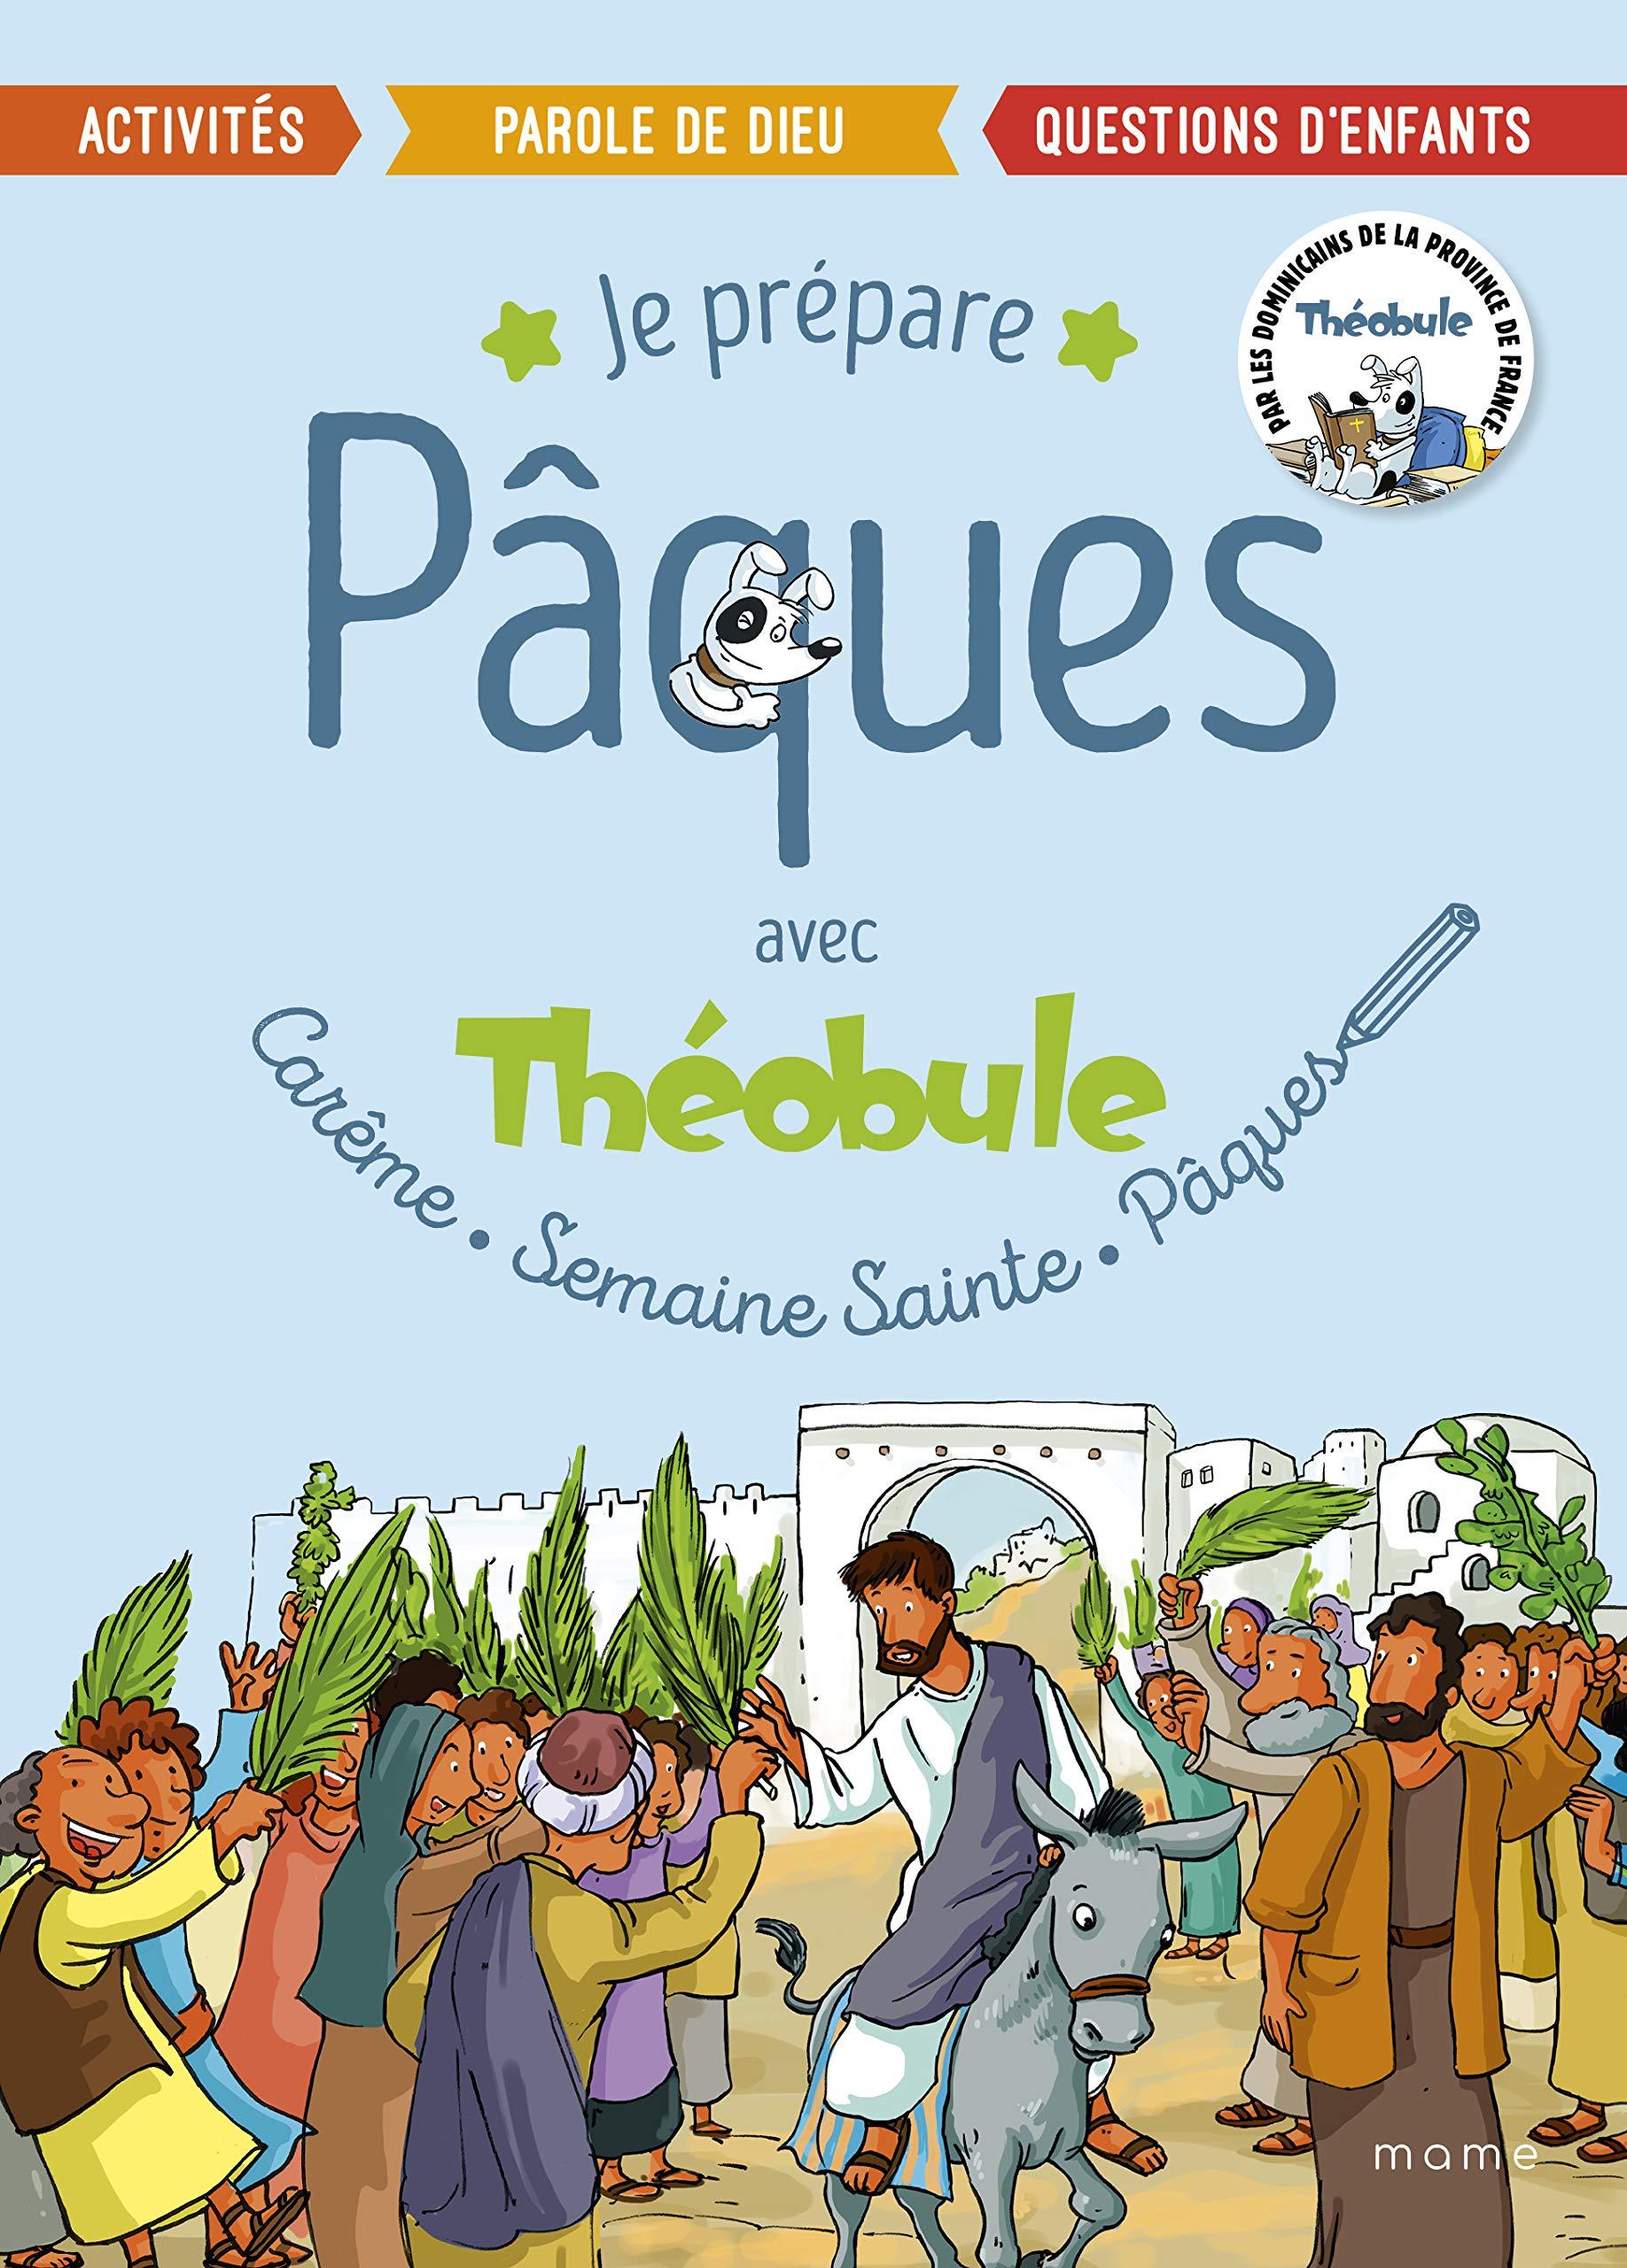 Je prépare Pâques avec Théobule : Carême, Semaine Sainte, Pâques